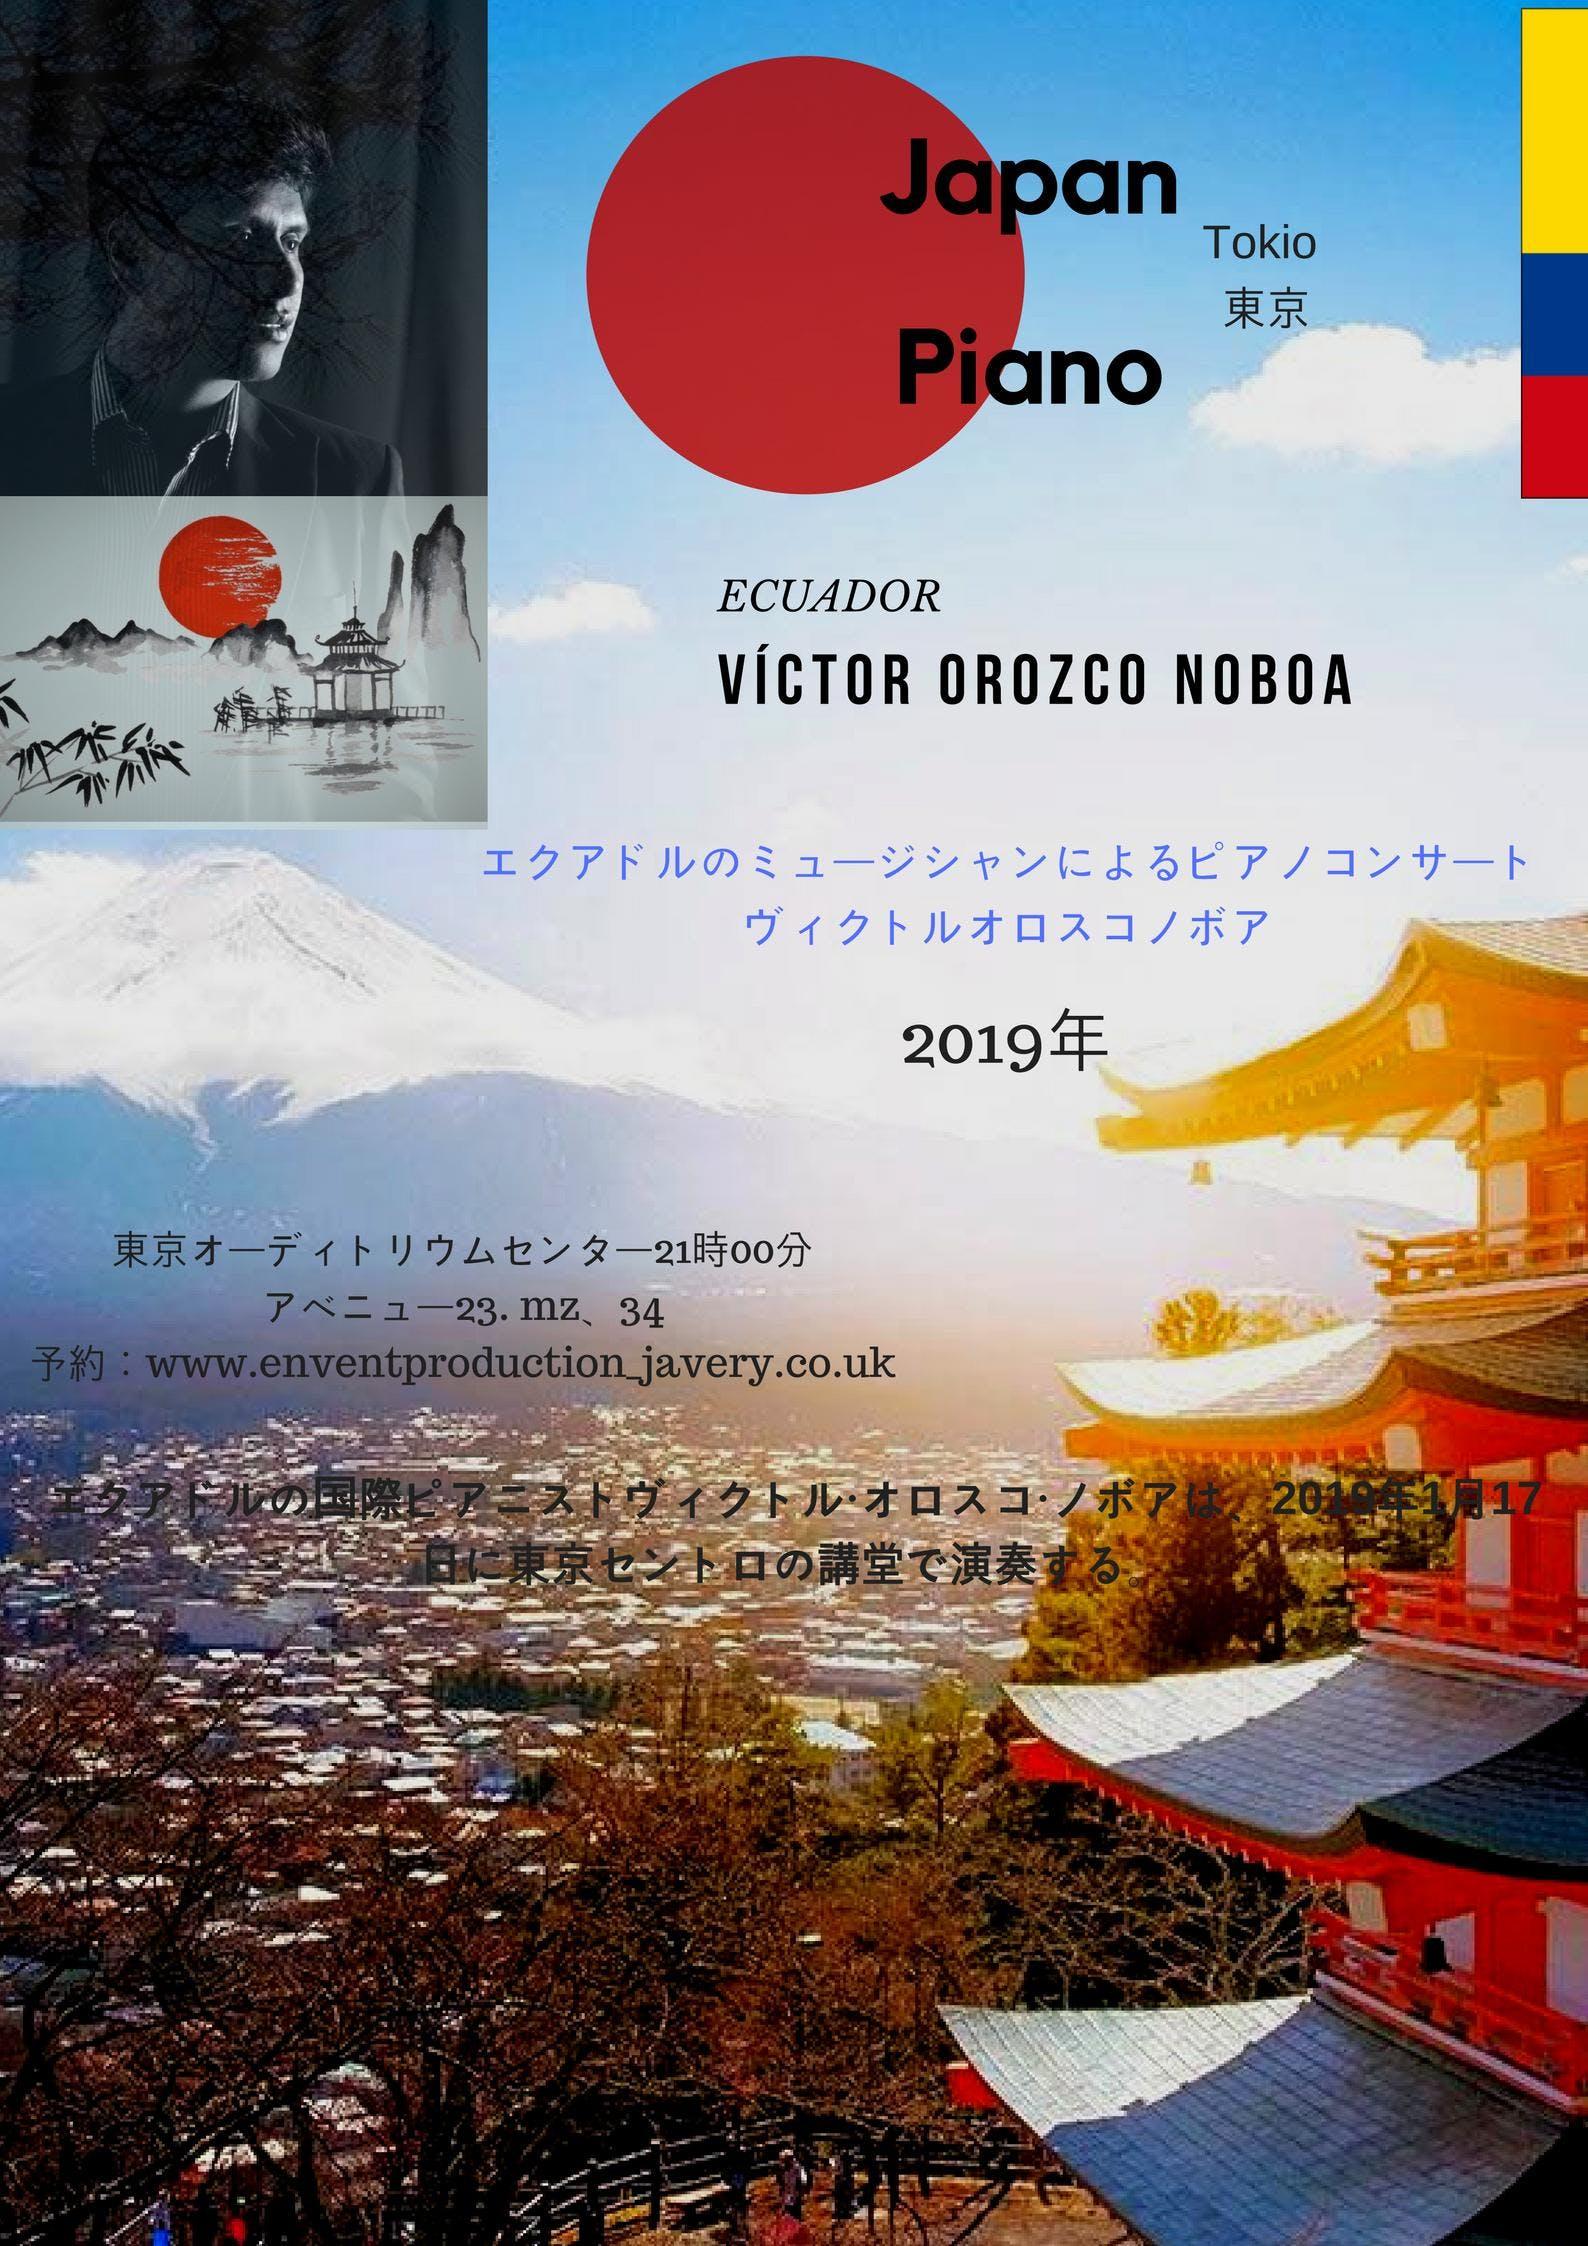 CONCIERTO PIANO VICTOR OROZCO NOBOA JAPON 201